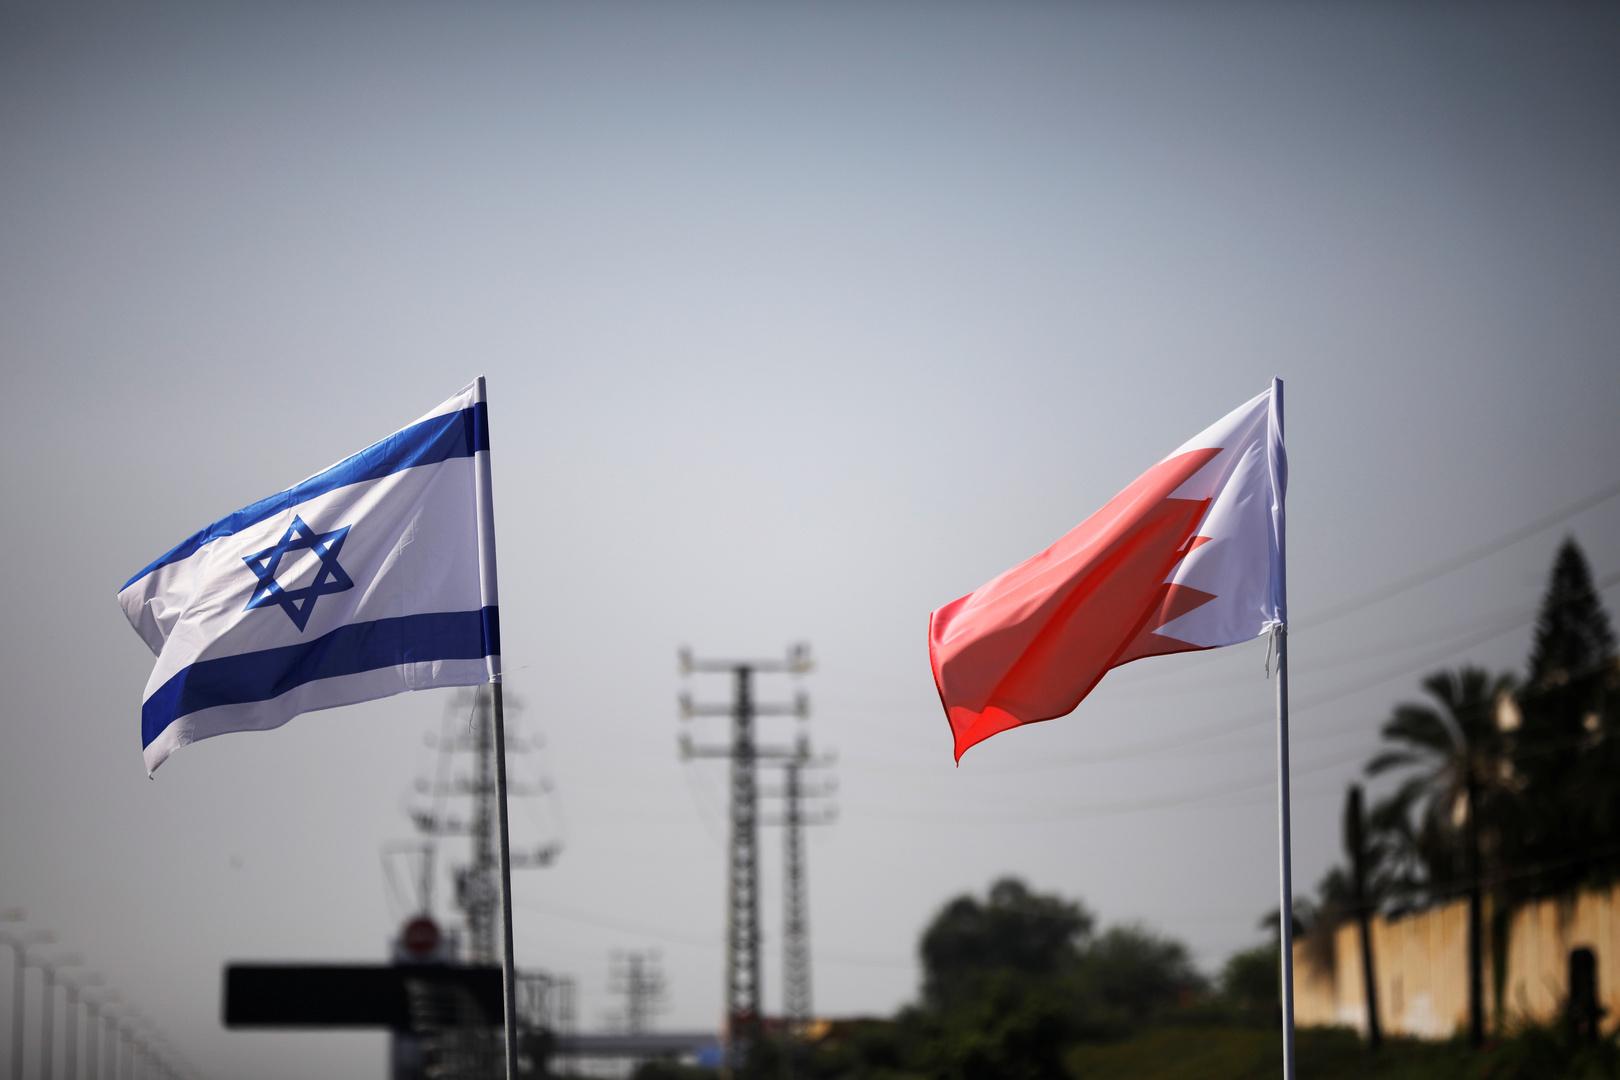 تقرير: إسرائيل شغلت سفارة سرية لها في البحرين على مدى 11 عاما